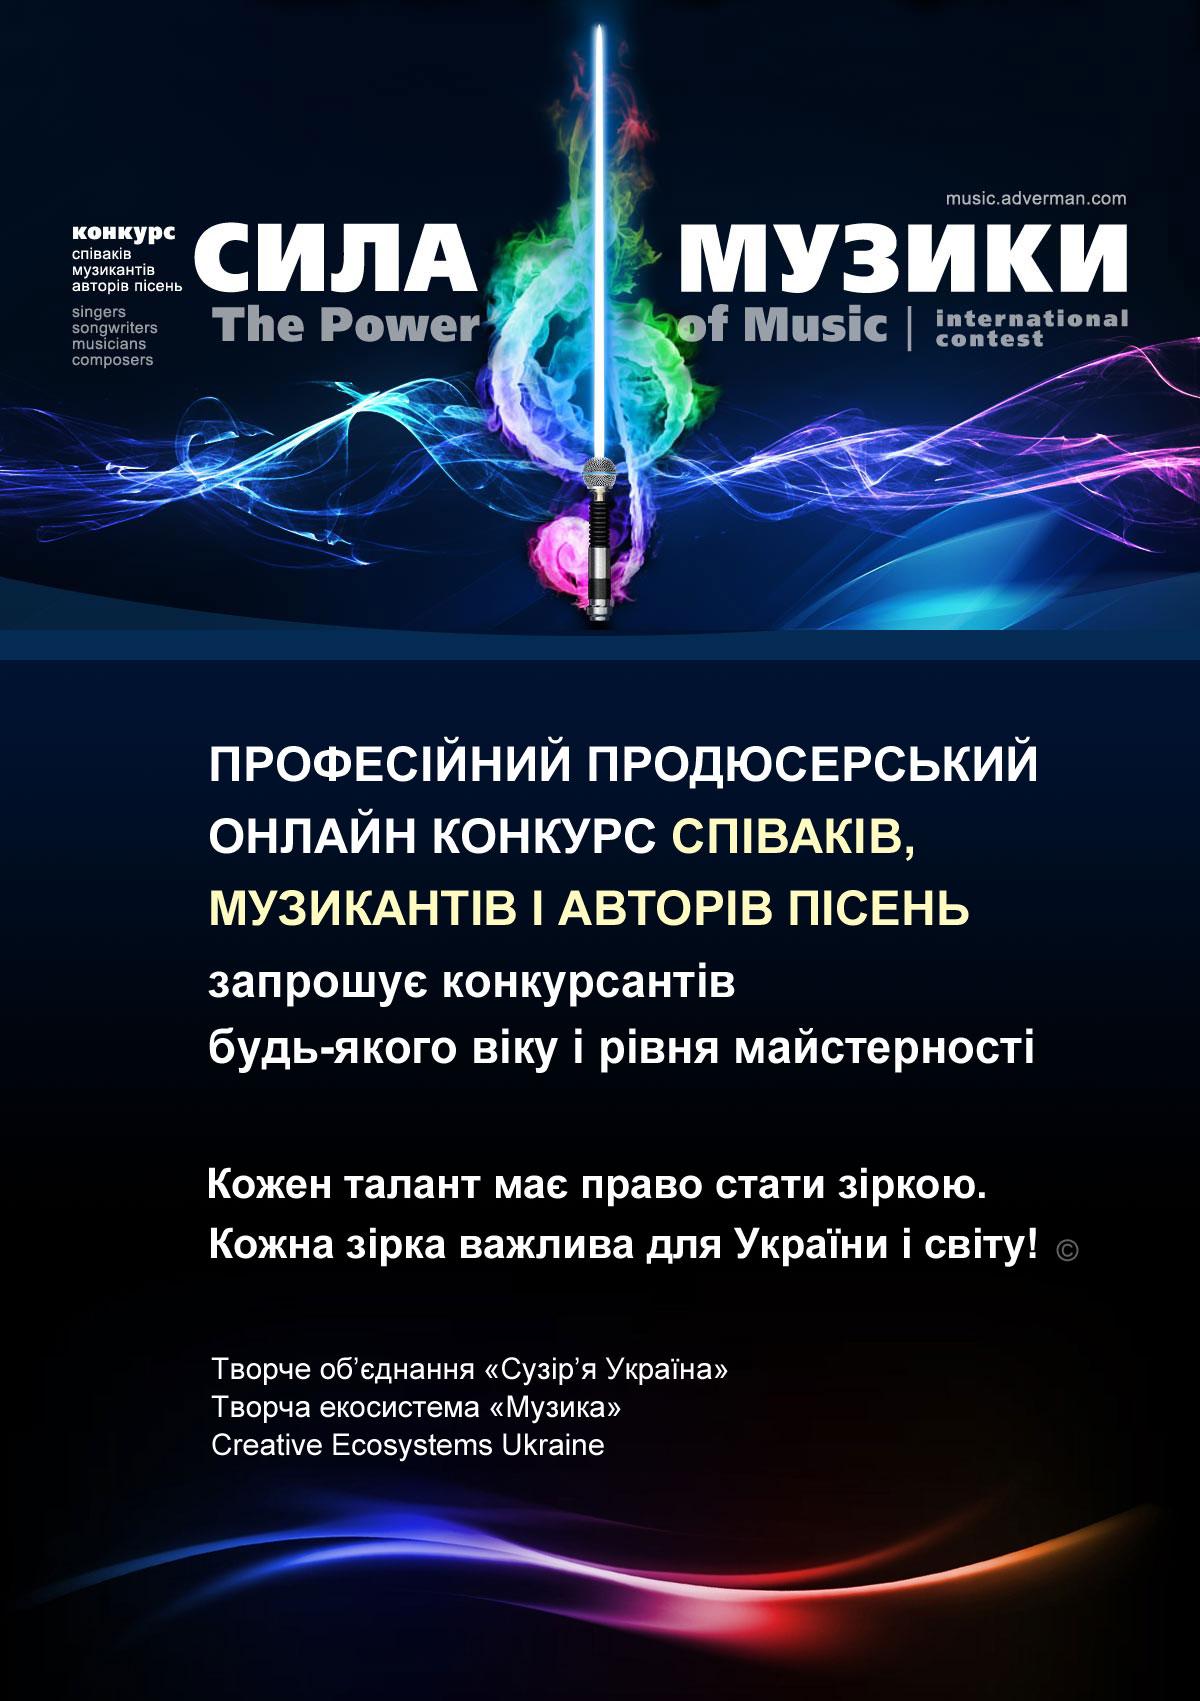 """Конкурс співаків, музикантів і авторів пісень """"Сила музики"""""""